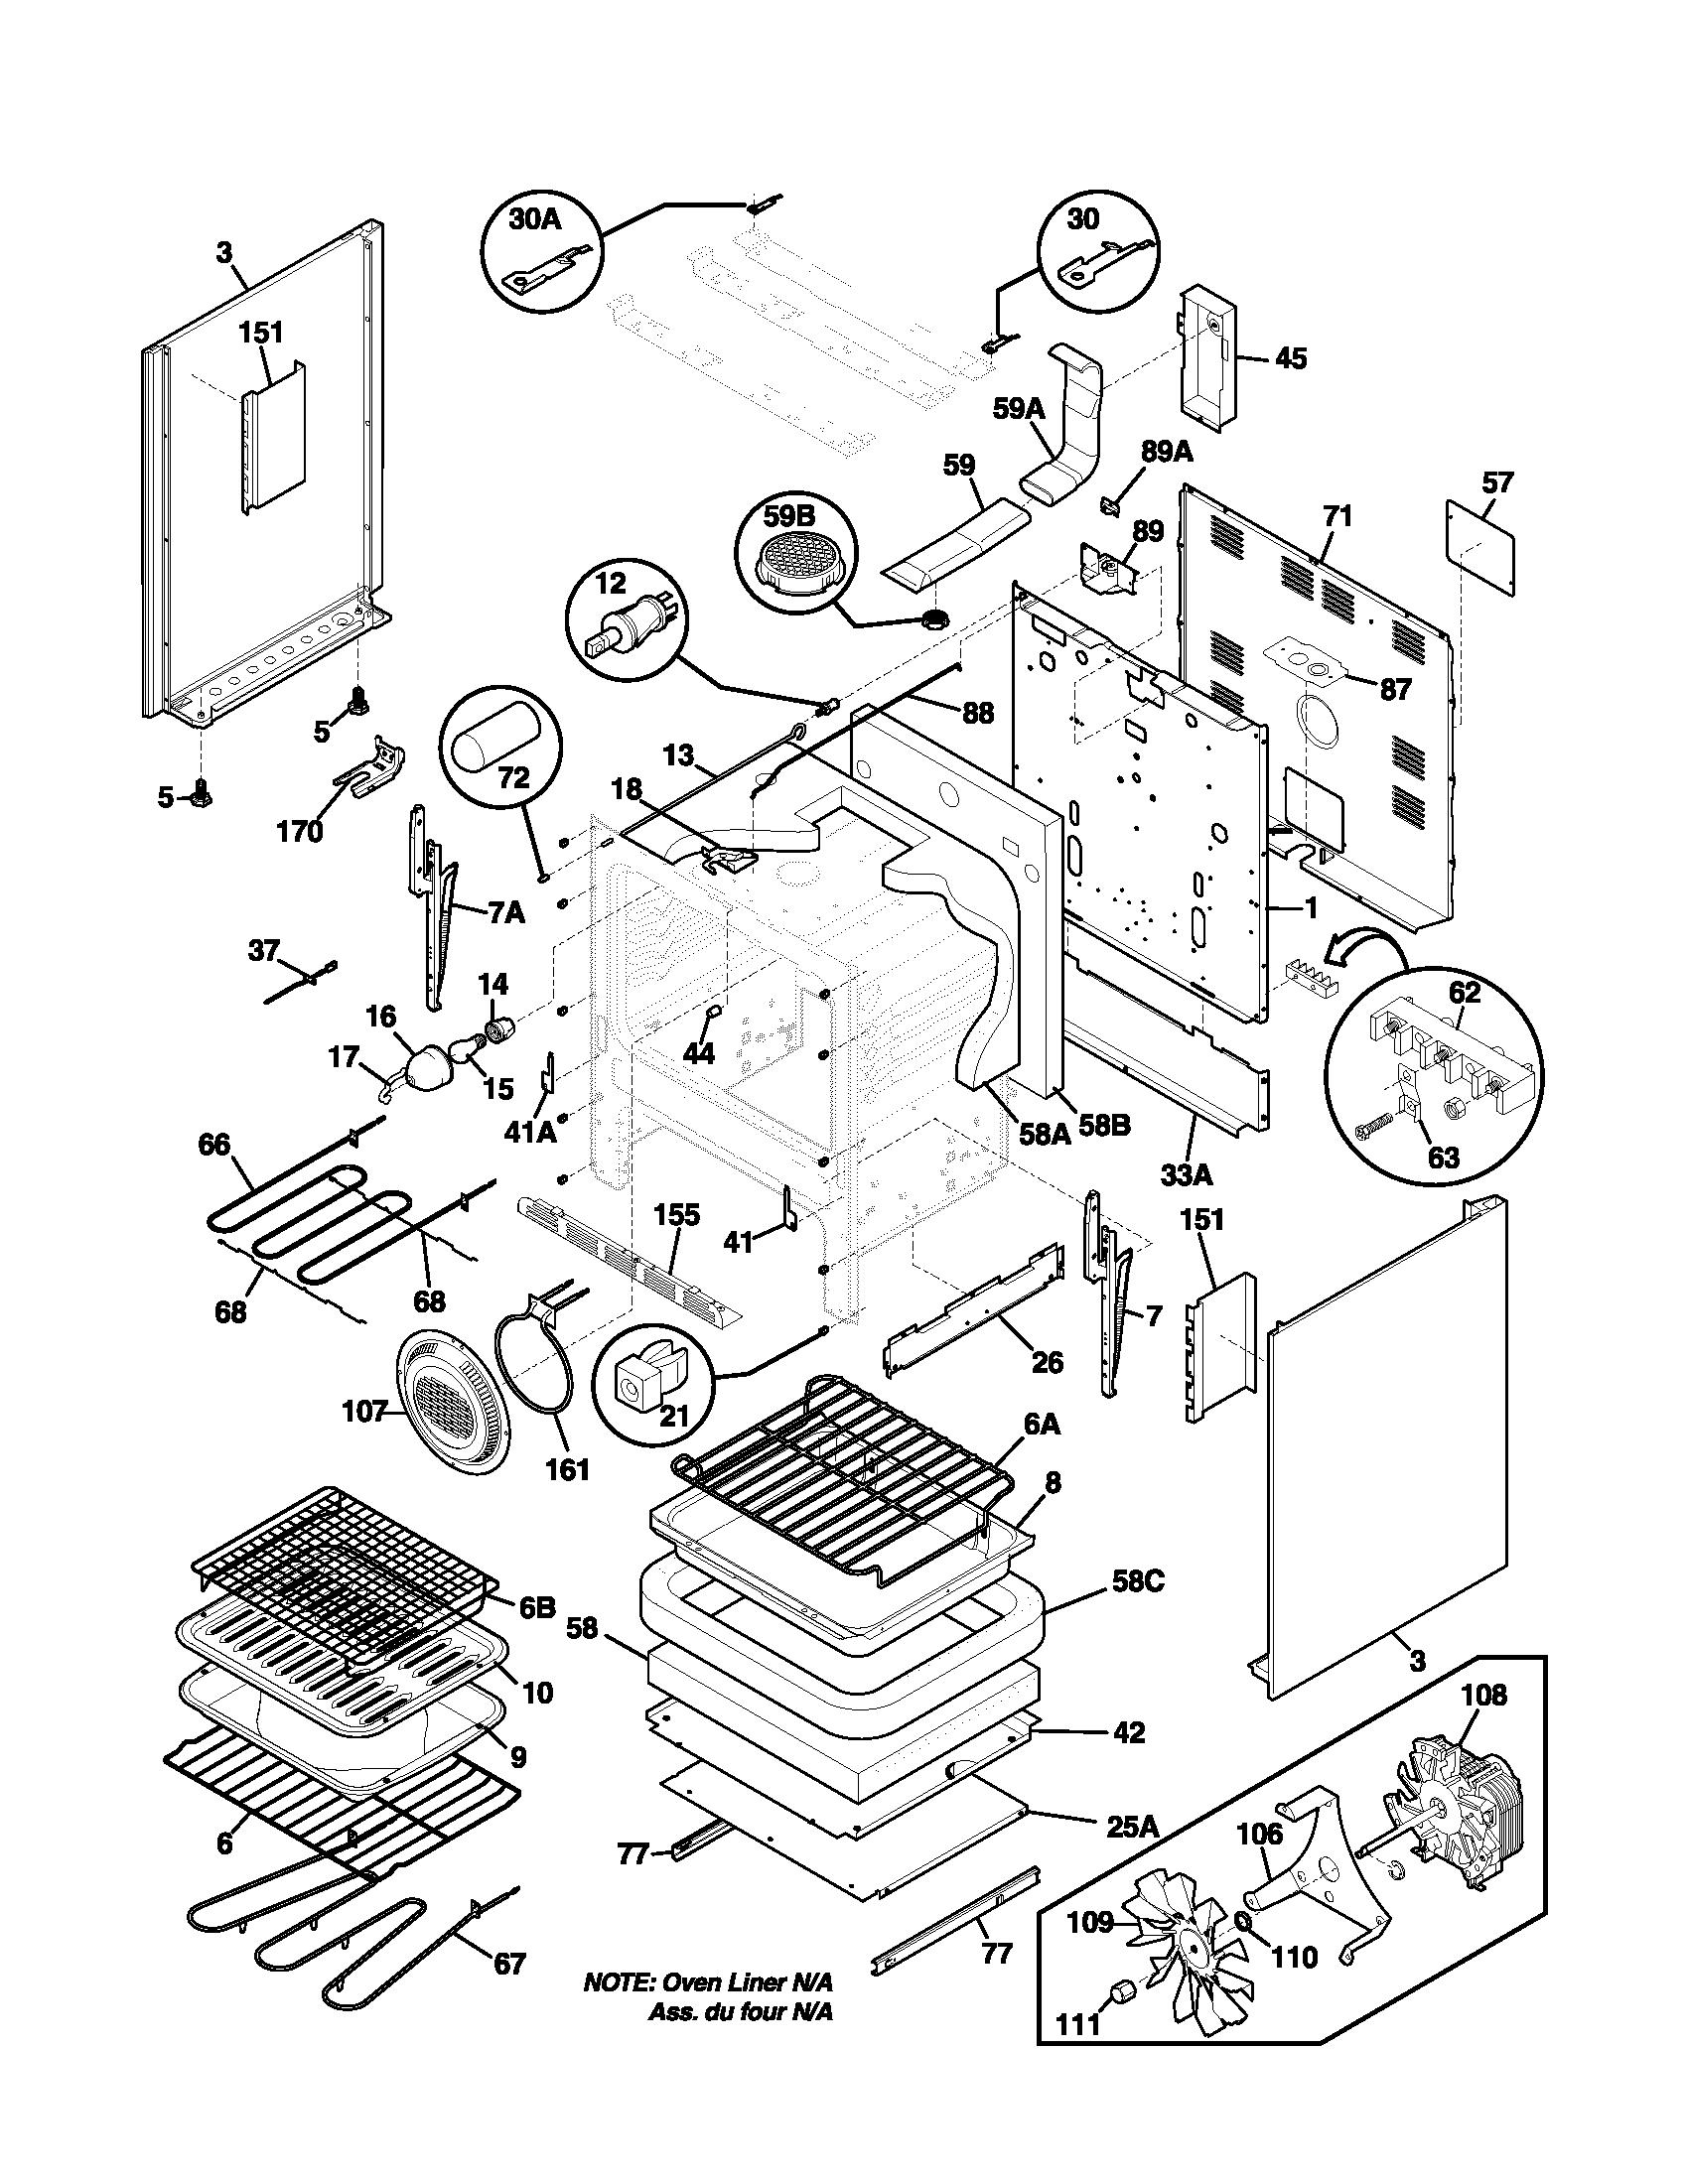 Enjoyable Kenmore Dishwasher Wiring Diagram Wiring Library Wiring Cloud Rineaidewilluminateatxorg